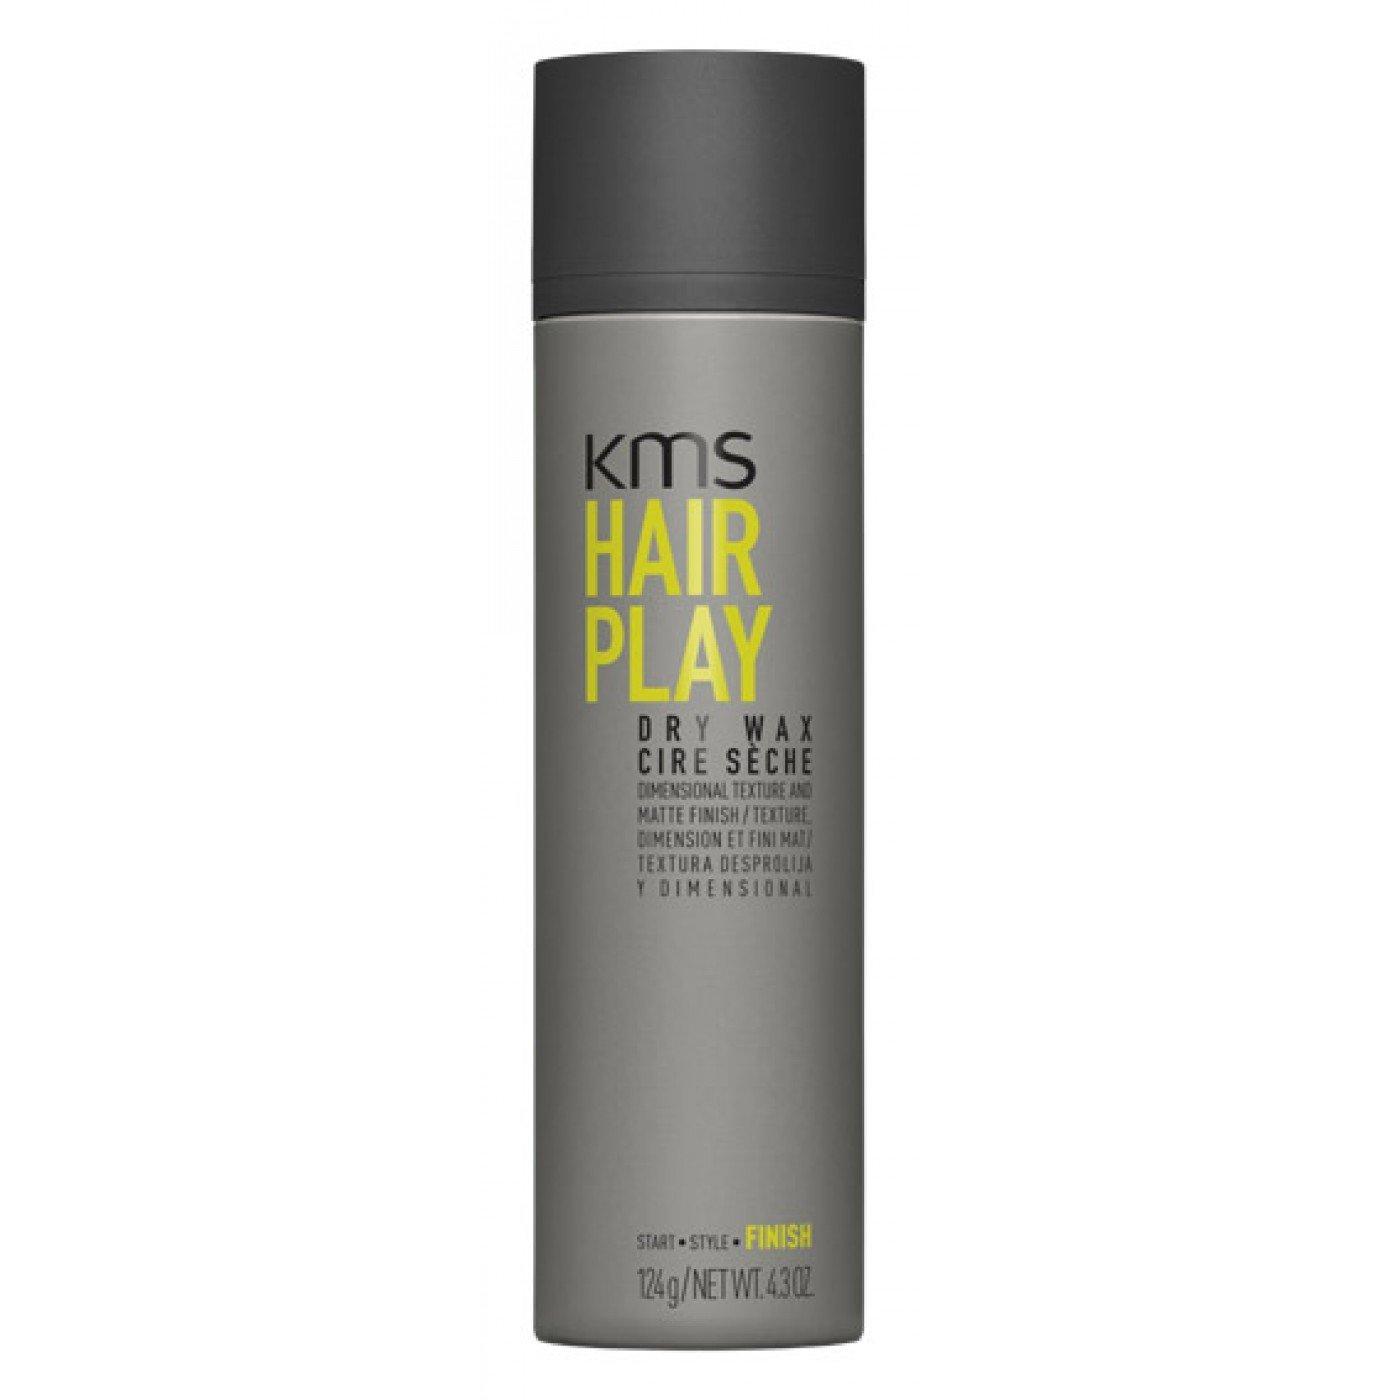 KMS HAIRPLAY Dry Wax